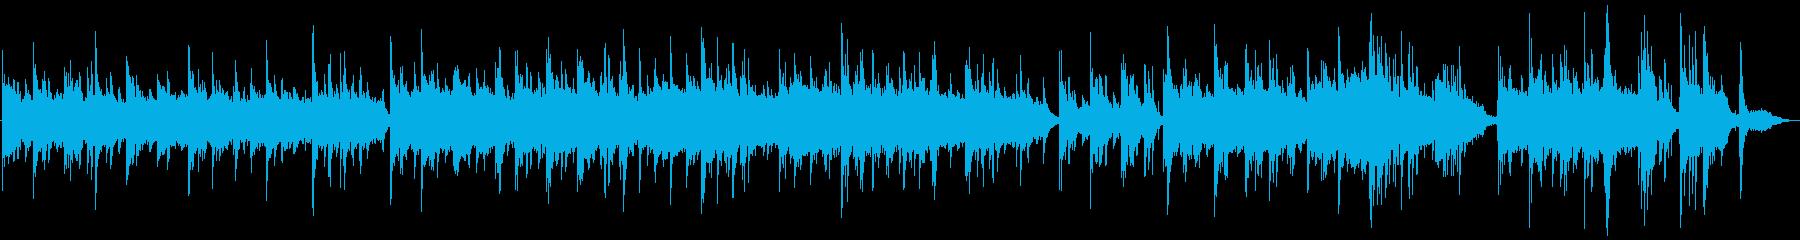 【秒で感動】しっとりピアノバラードの再生済みの波形